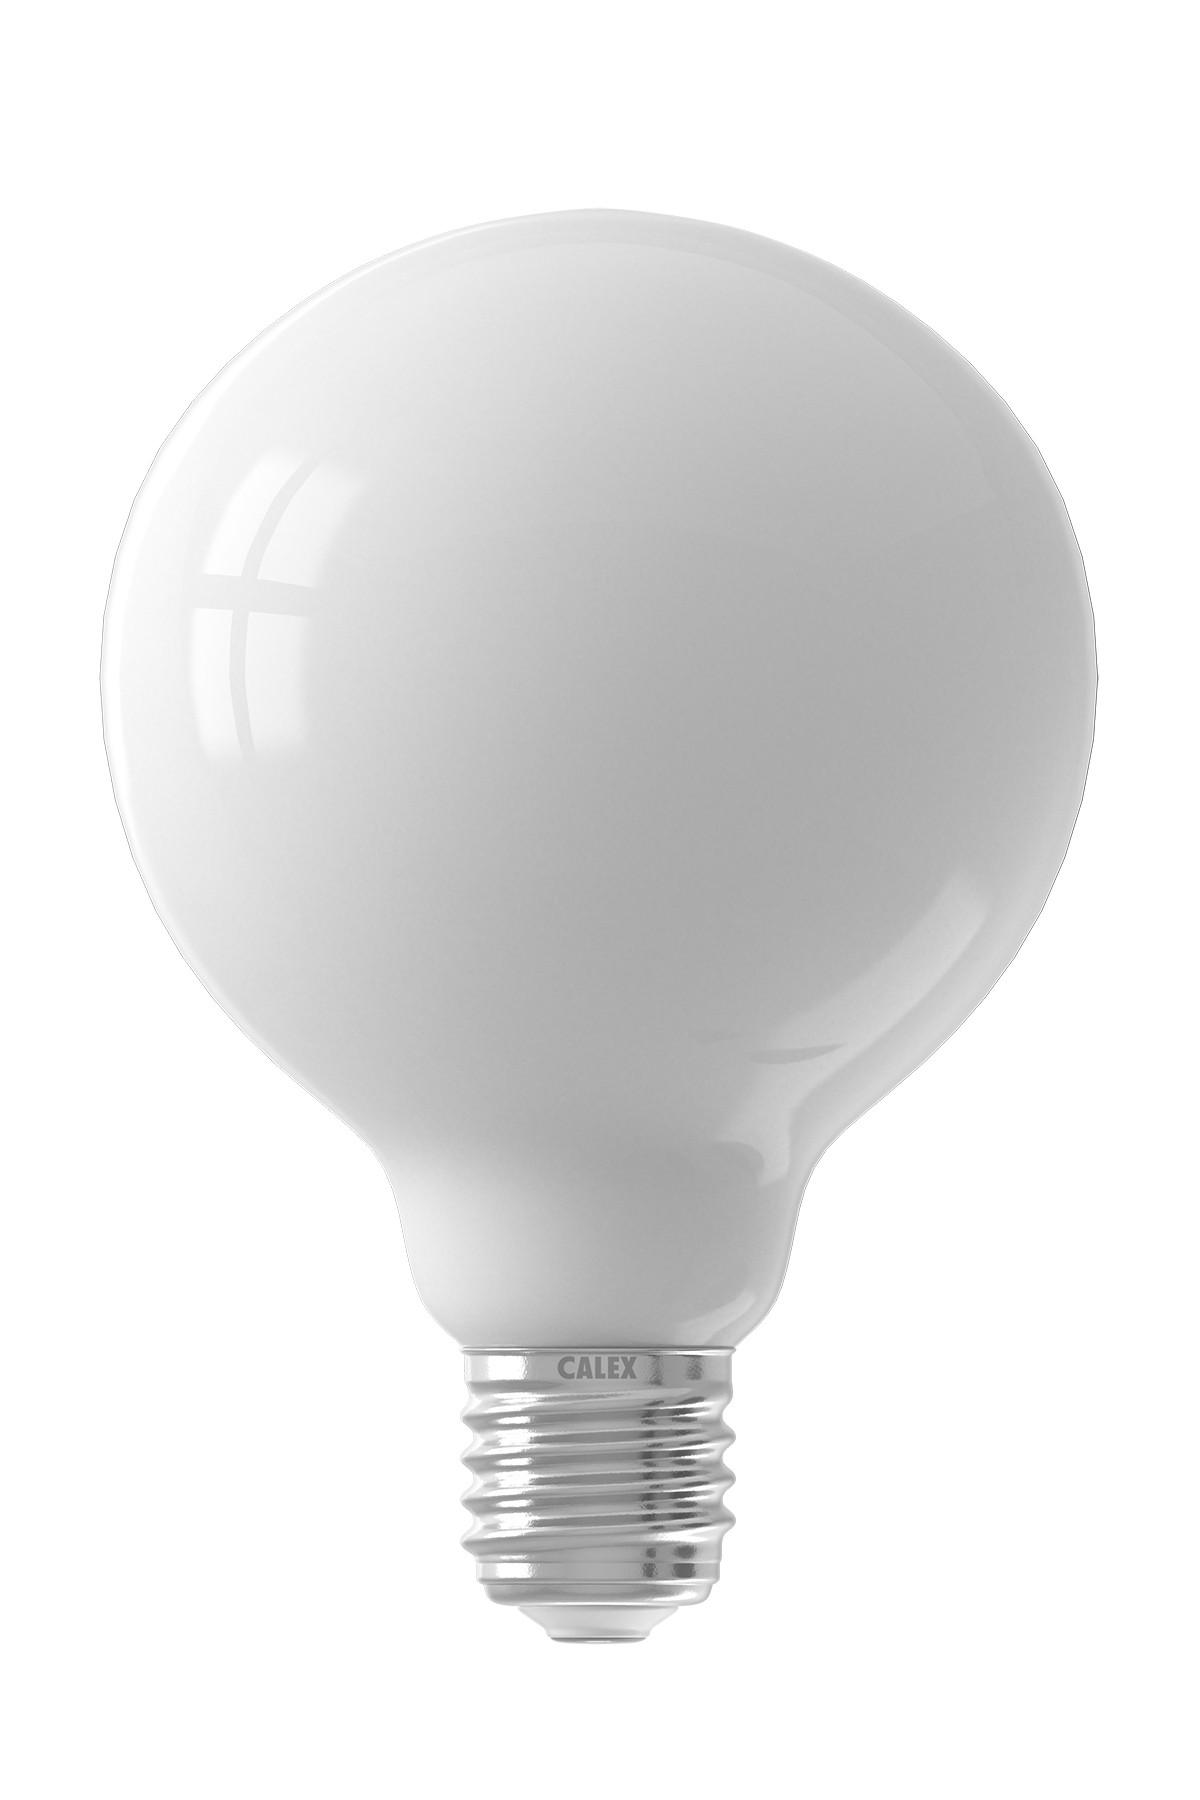 Calex LED Full Glass Filament Globe Lamp  220-240V 7W 800lm E27 G80, Softline 2700K